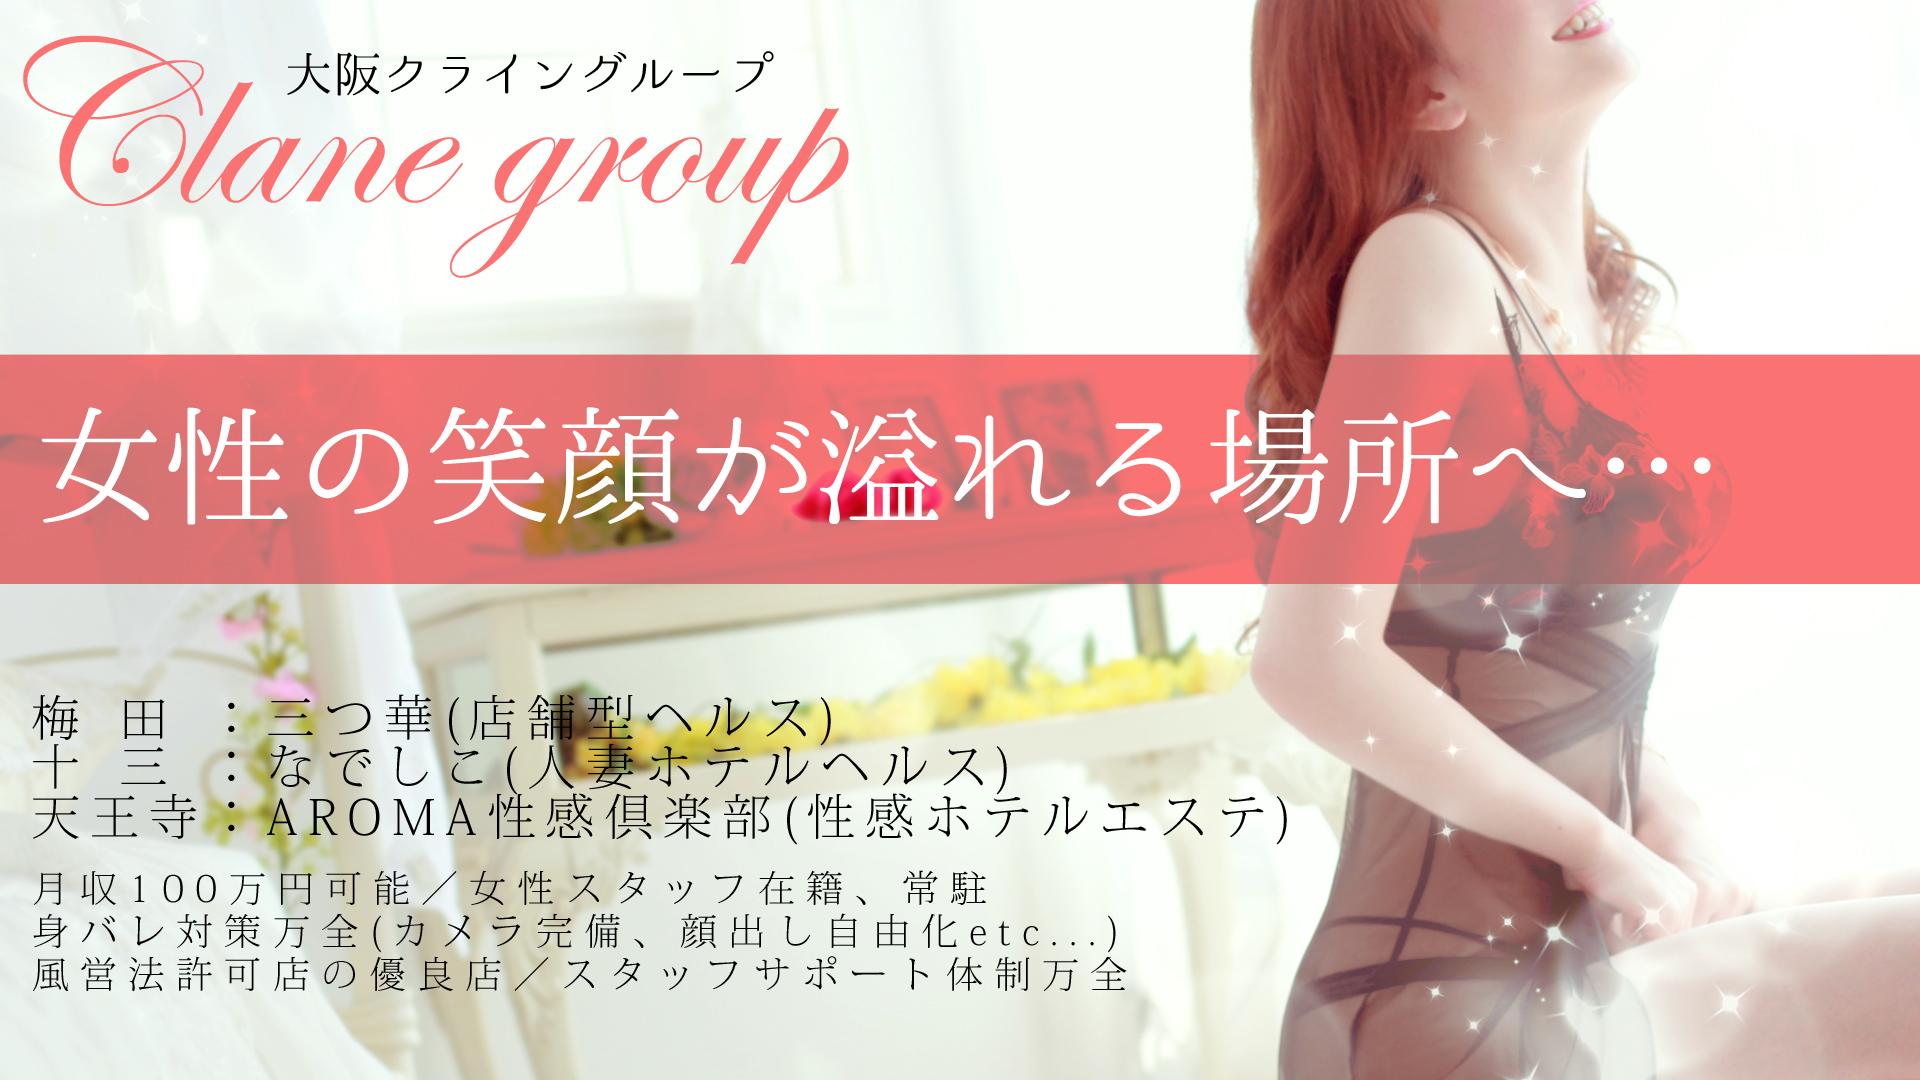 クライングループ大阪